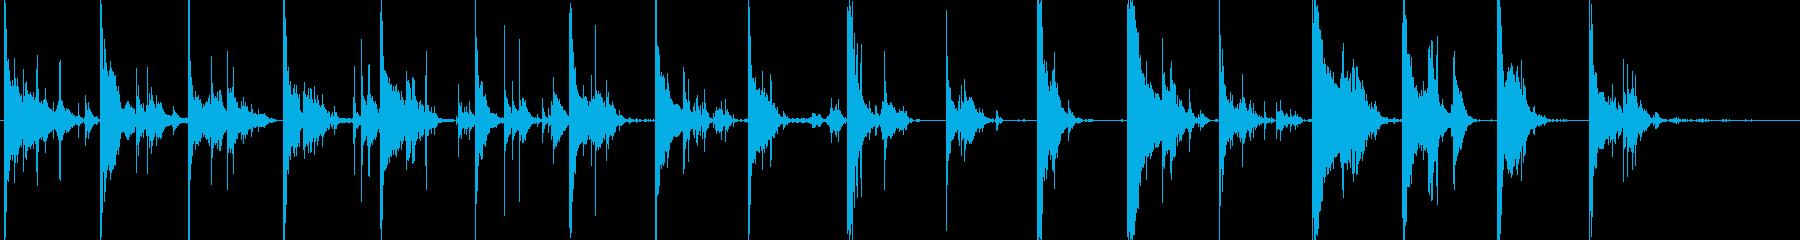 チャリチャリ(コインが連続排出される音)の再生済みの波形